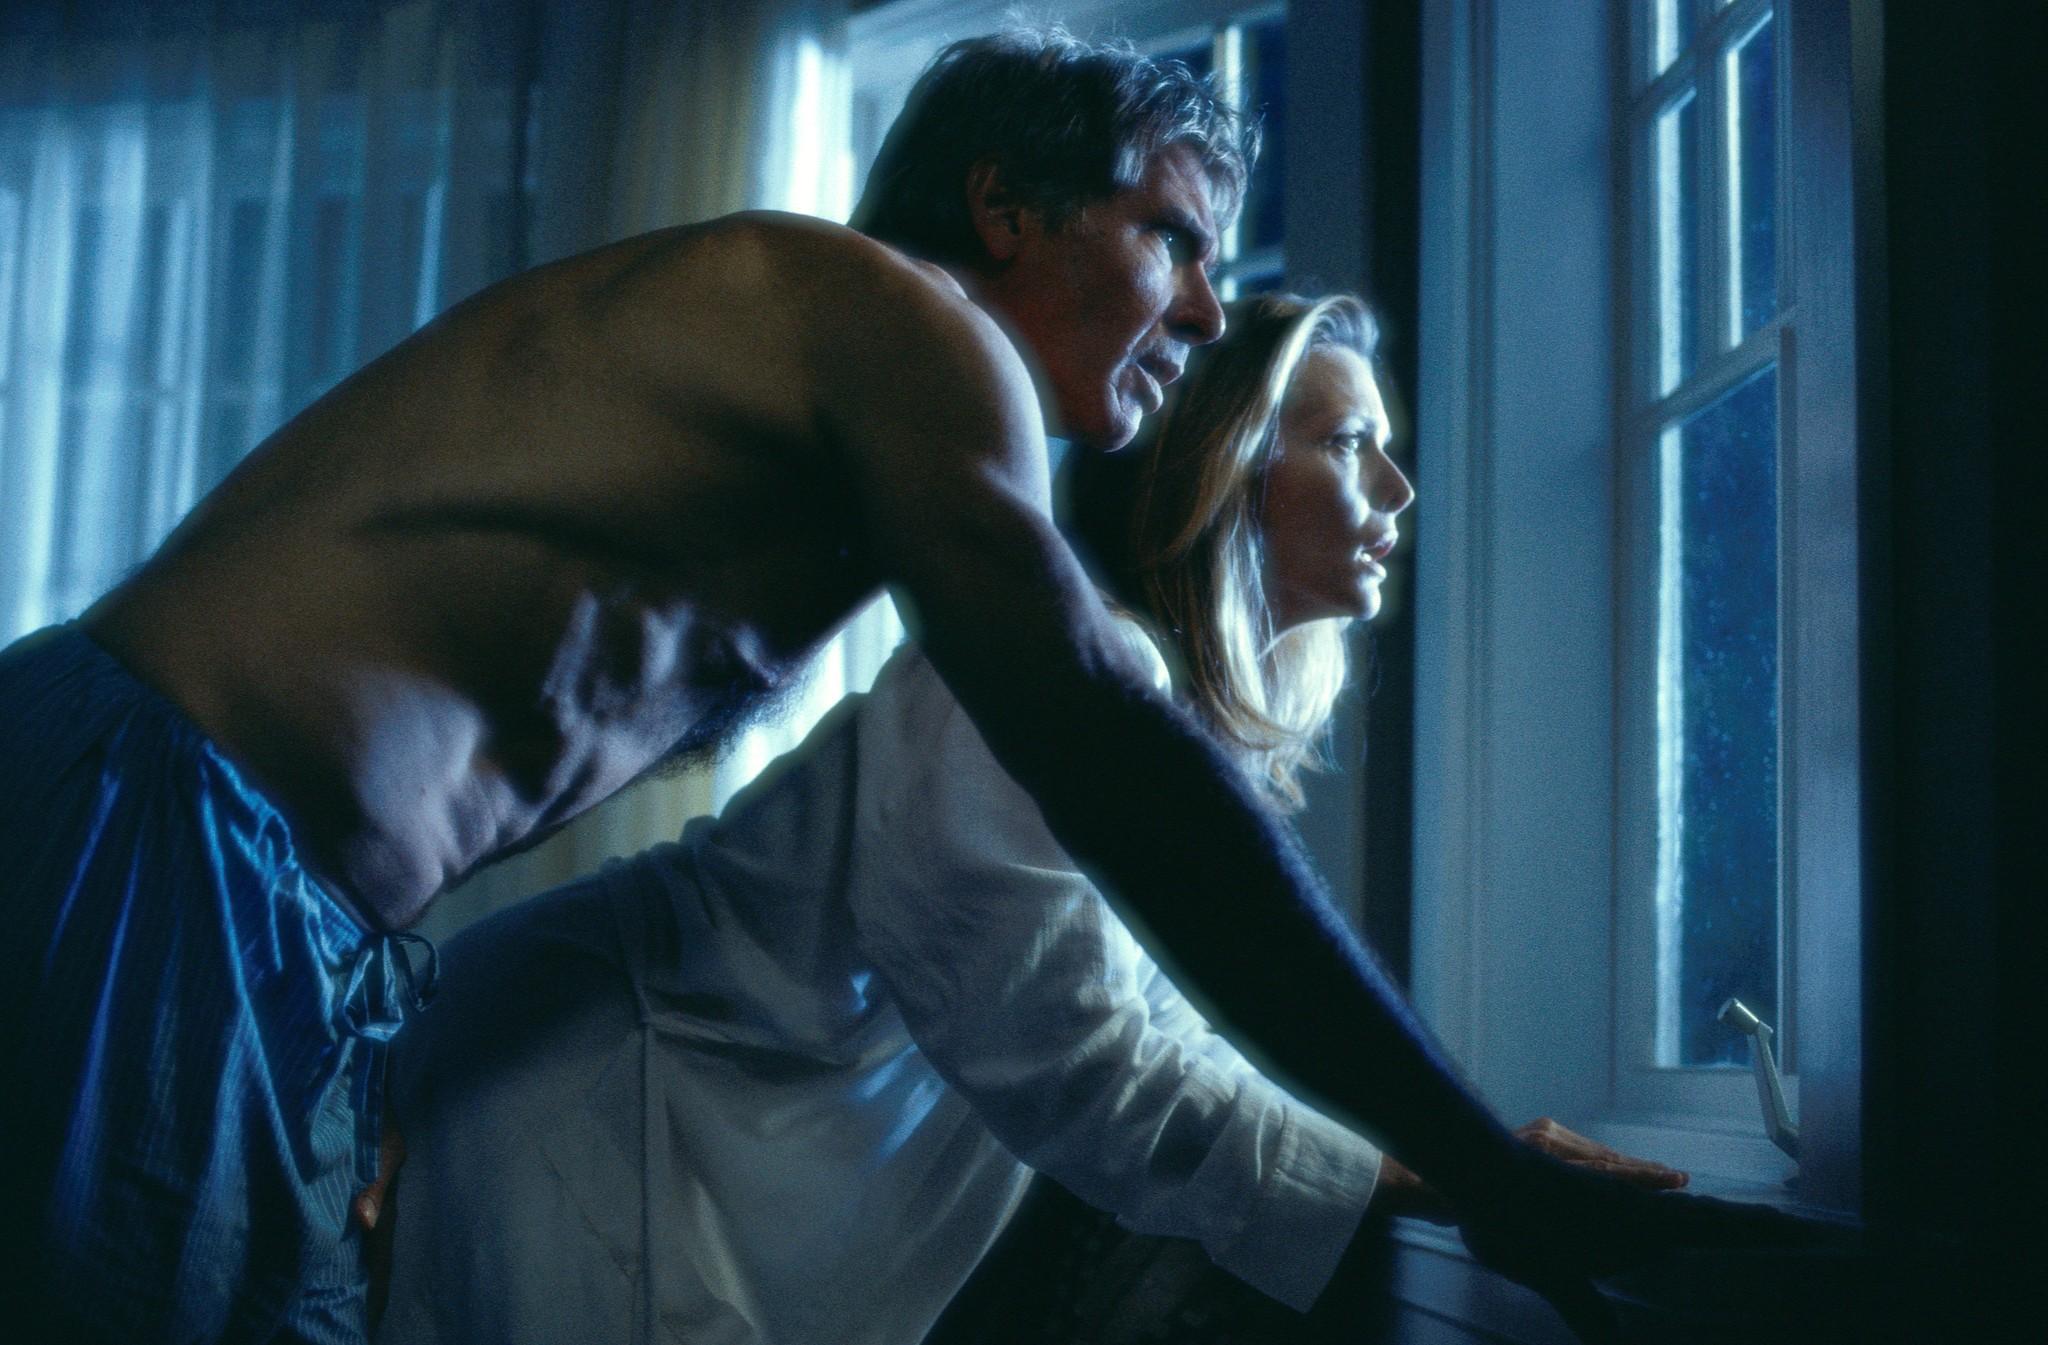 What Lies Beneath 2000 - Thriller - Drama - Horror